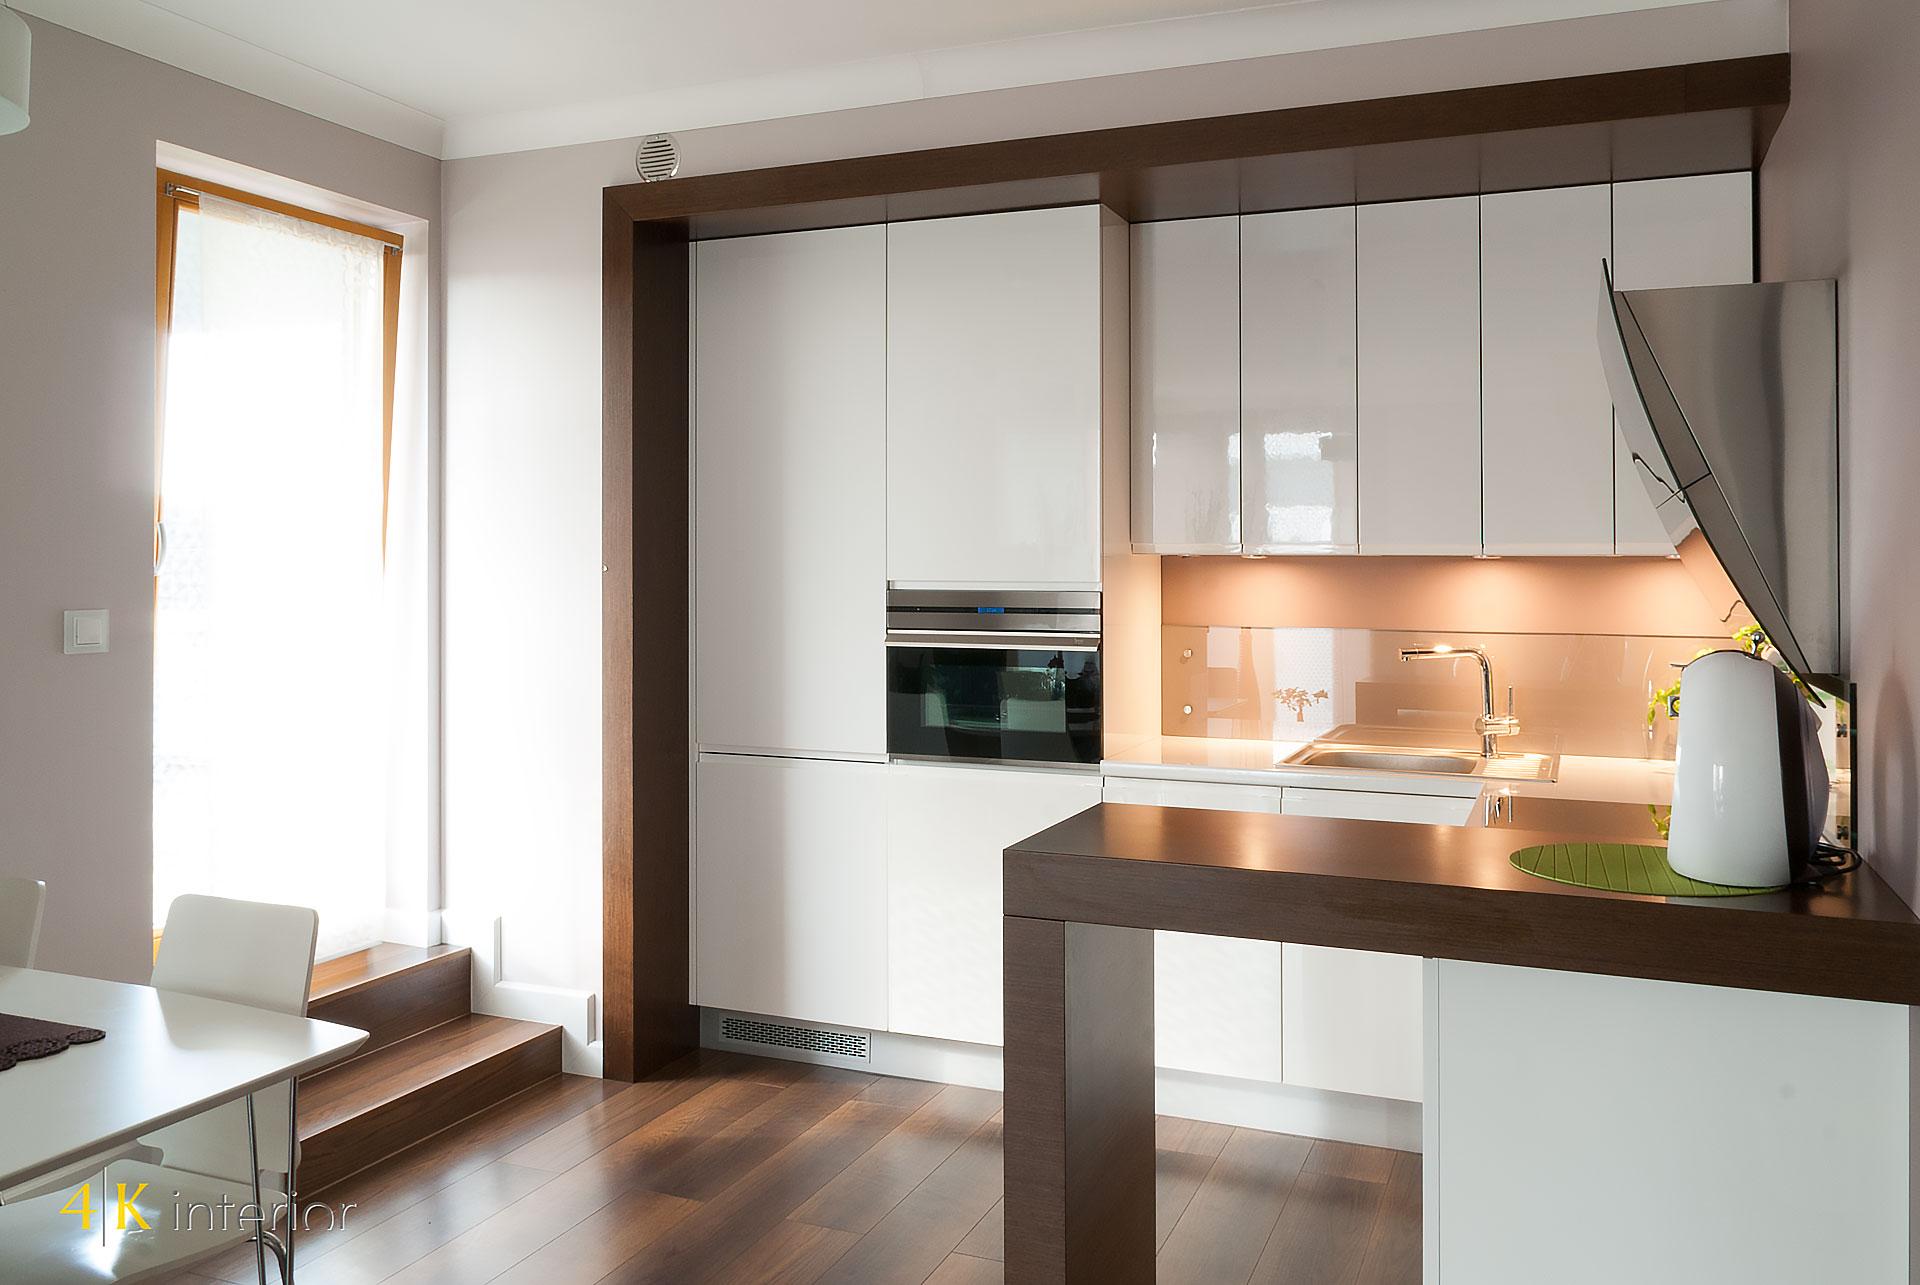 Wnętrza salonu z otwartą kuchnią w małym apartamencie 03 przeźroczyste szkło na ścianie kuchennej nad blatem, wnęka wyłożona fornirem